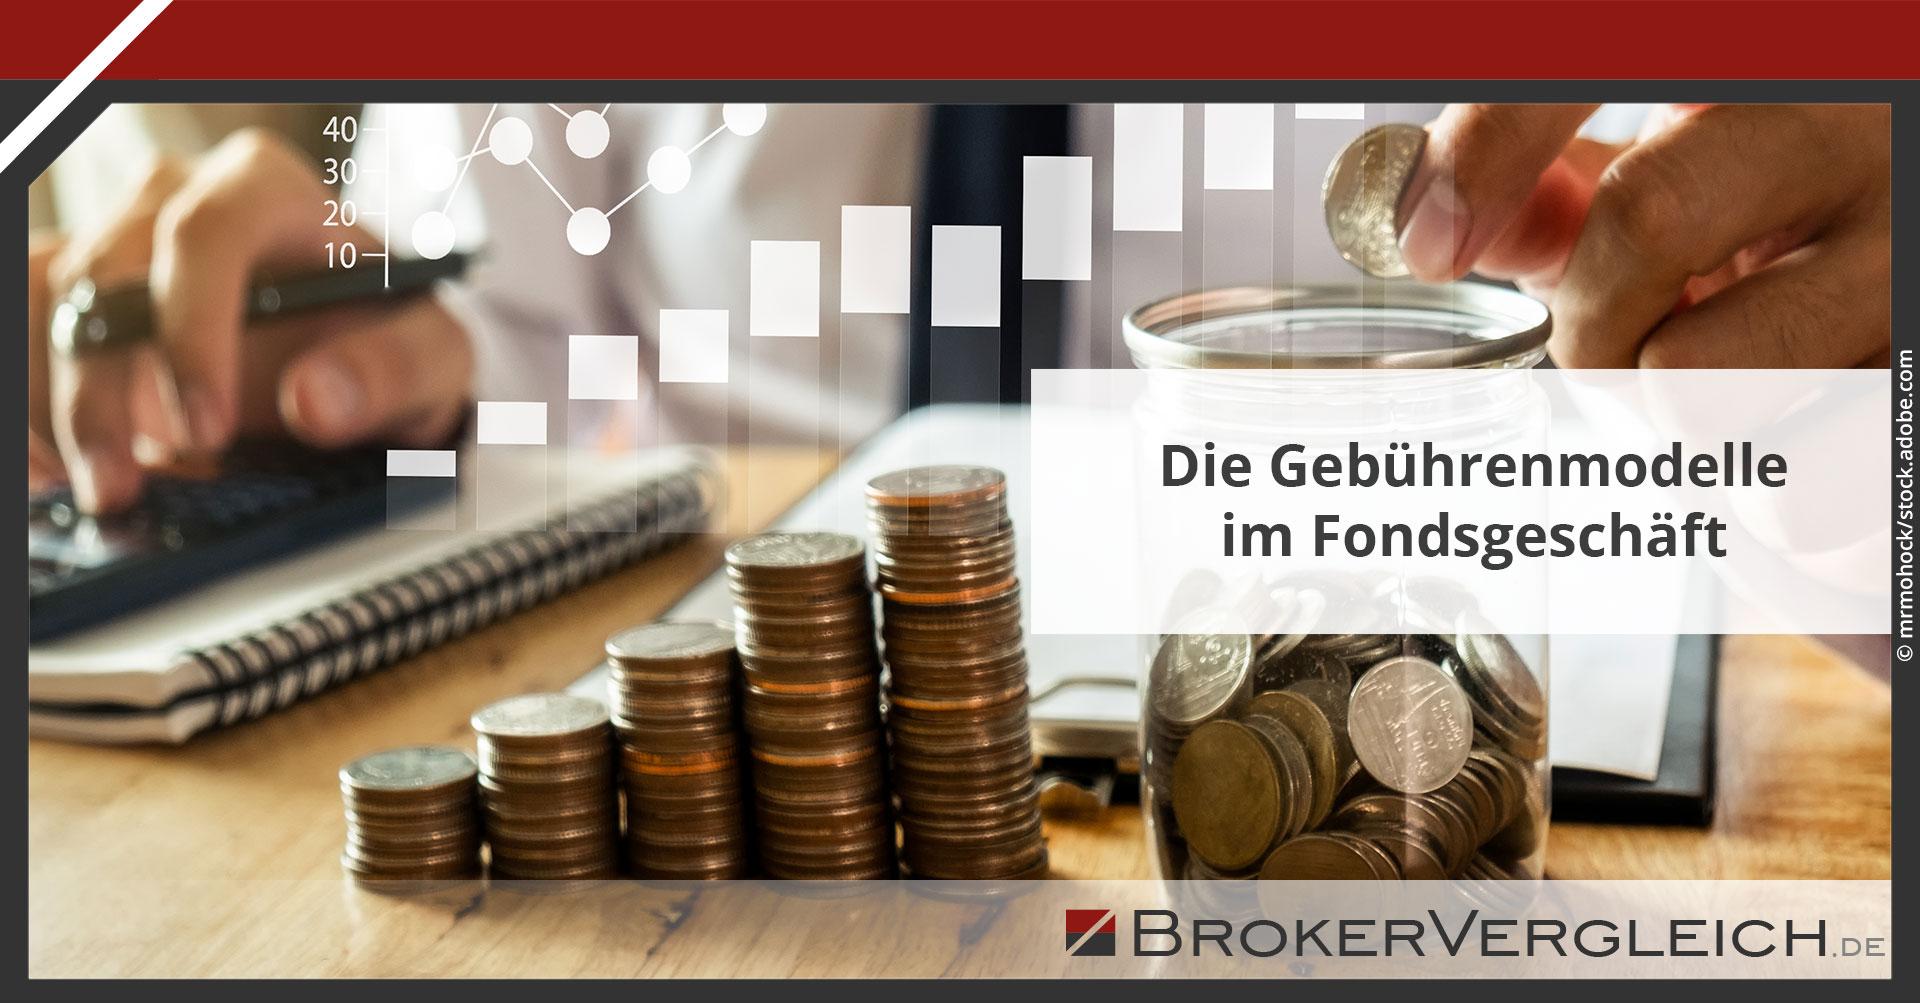 Zum Beitrag - Die Gebührenmodelle im Fondsgeschäft